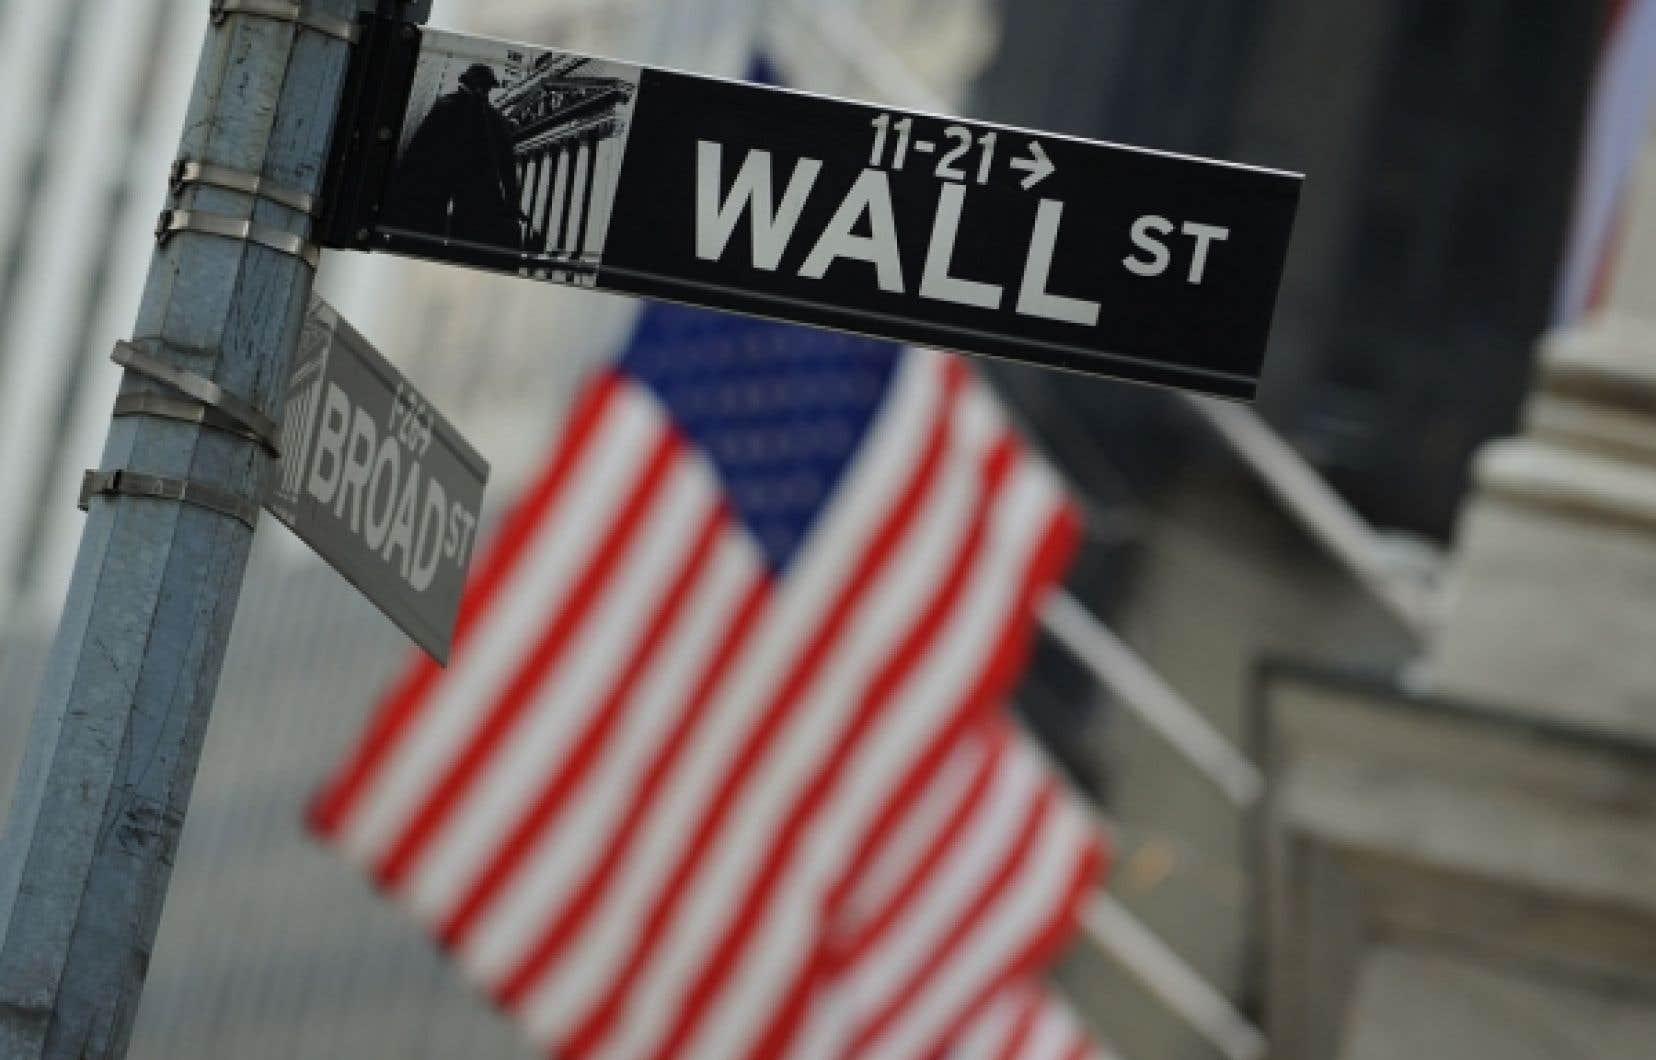 Cette année, le thème des Journées sera principalement l'économie. On y expliquera notamment les rouages et les différentes étapes de la crise financière de 2008.